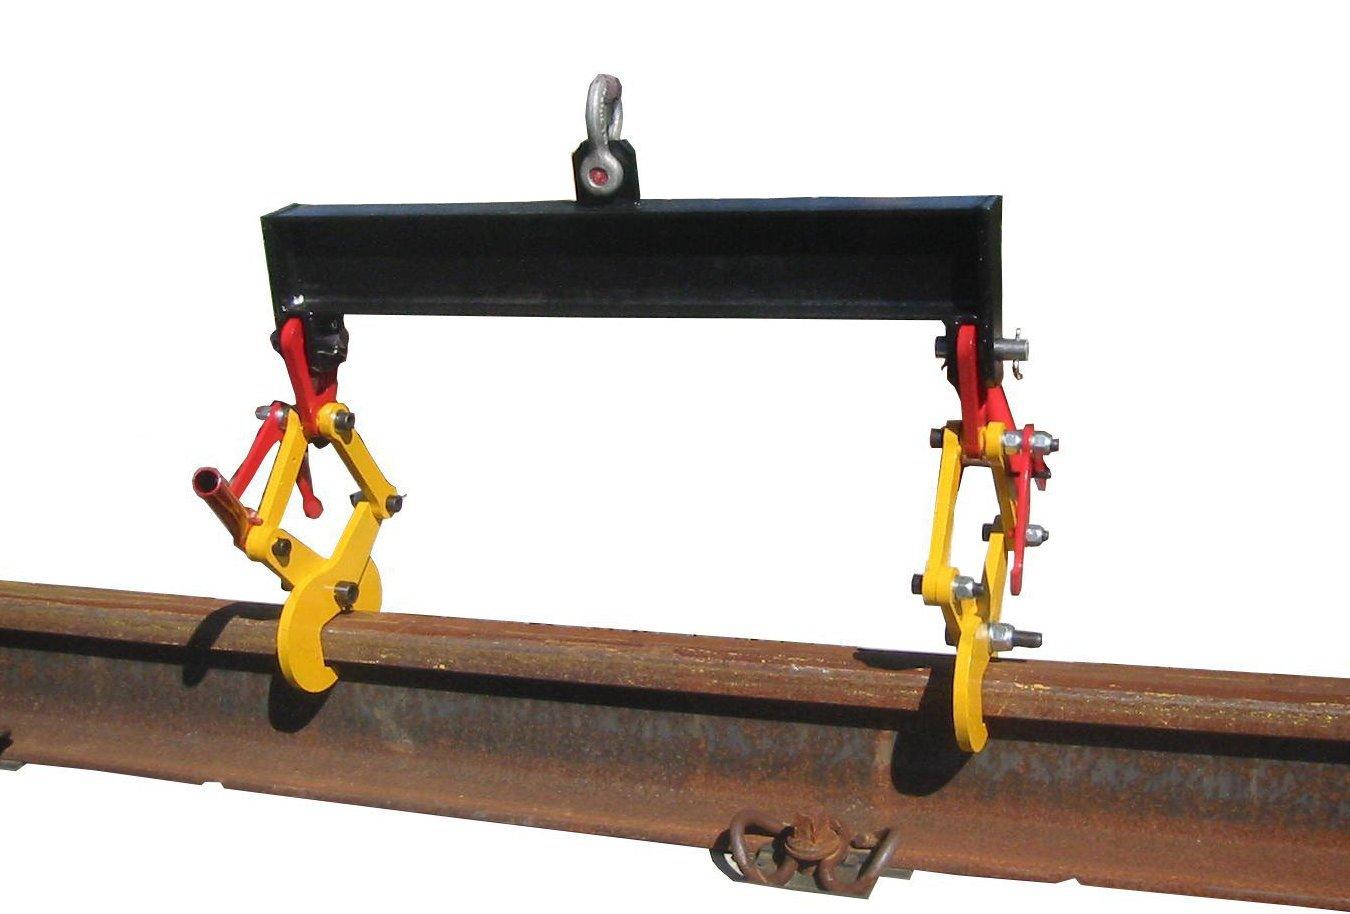 Lifting Crosshead Ipe 100 Fcs Rail Railway Equipment